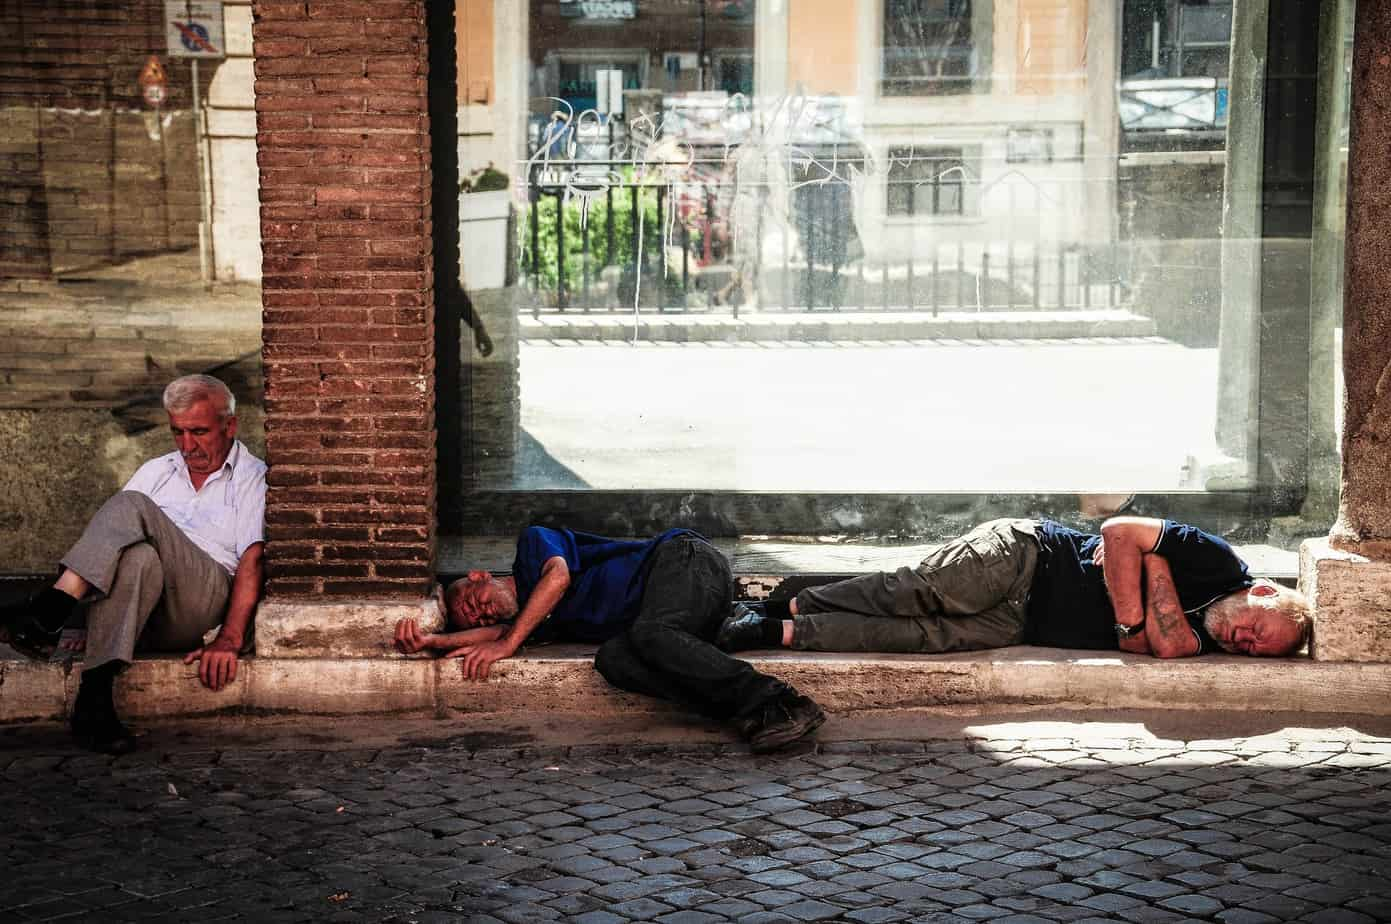 La meilleure position pour dormir : dormir du bon côté aide vos organes vitaux